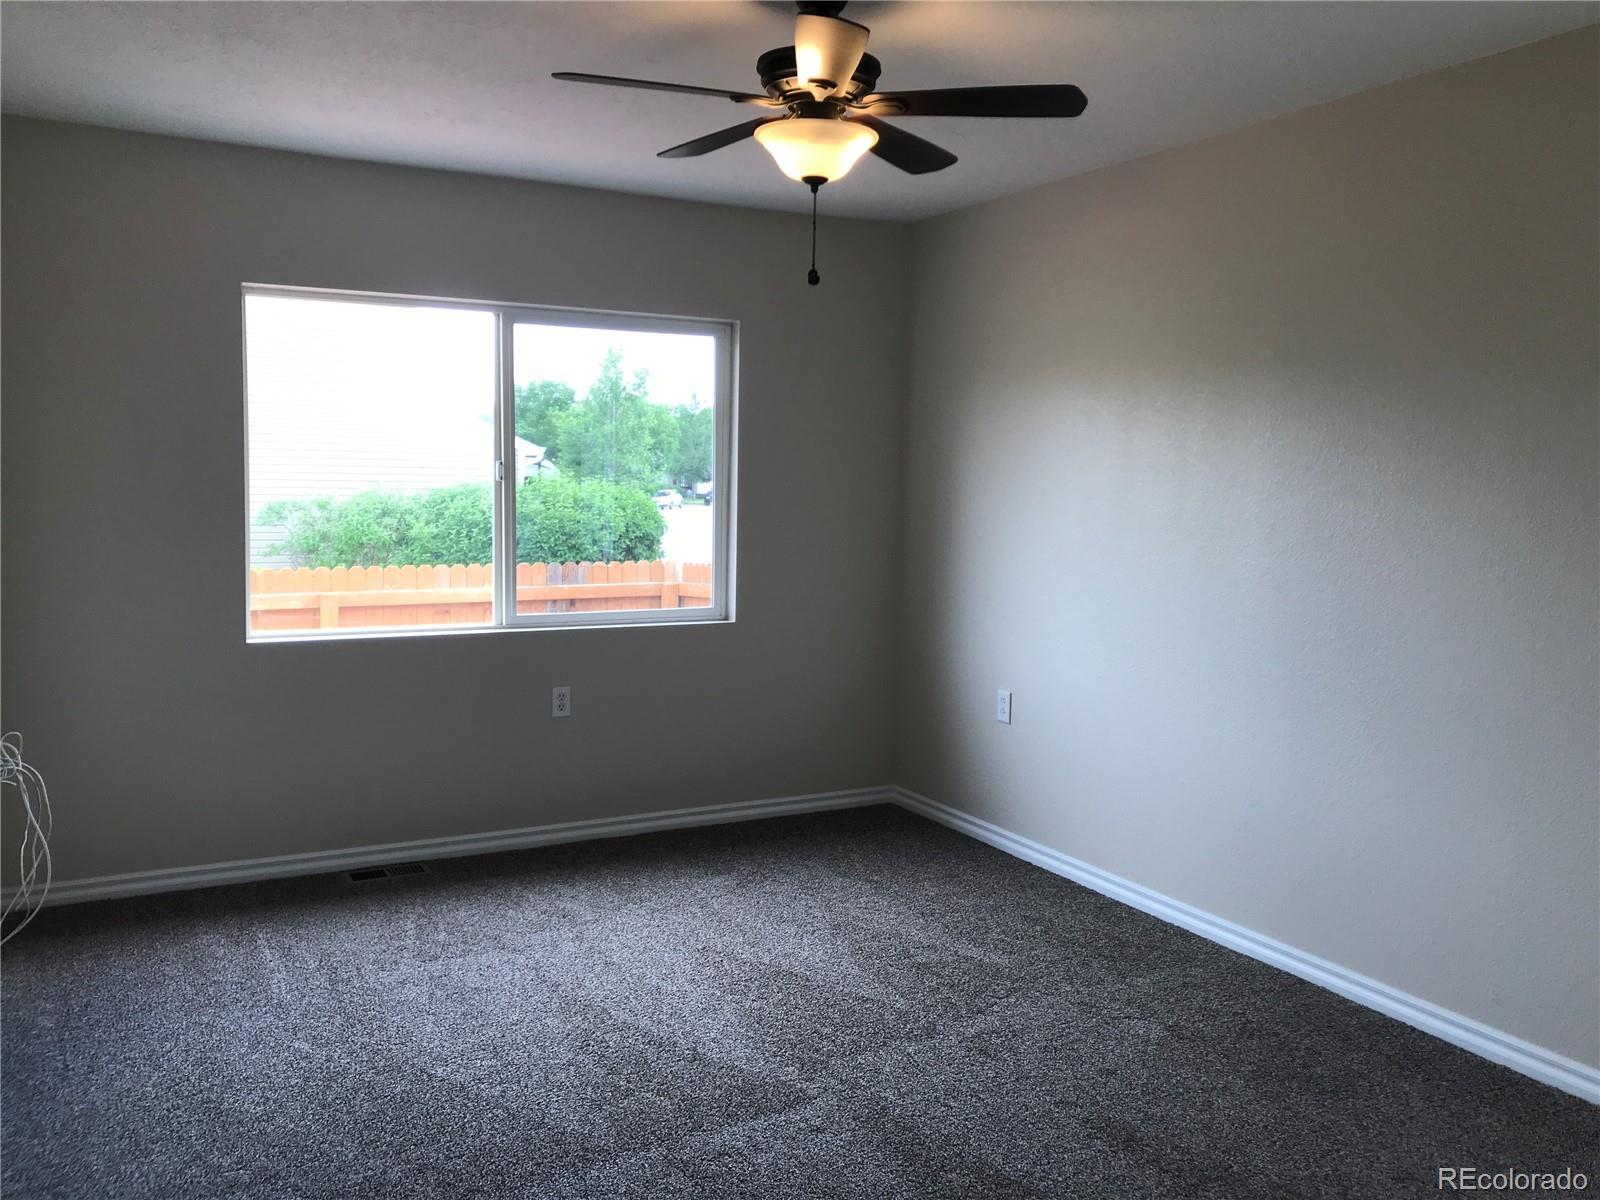 MLS# 6404441 - 8 - 2020 Dove Creek Court, Loveland, CO 80538